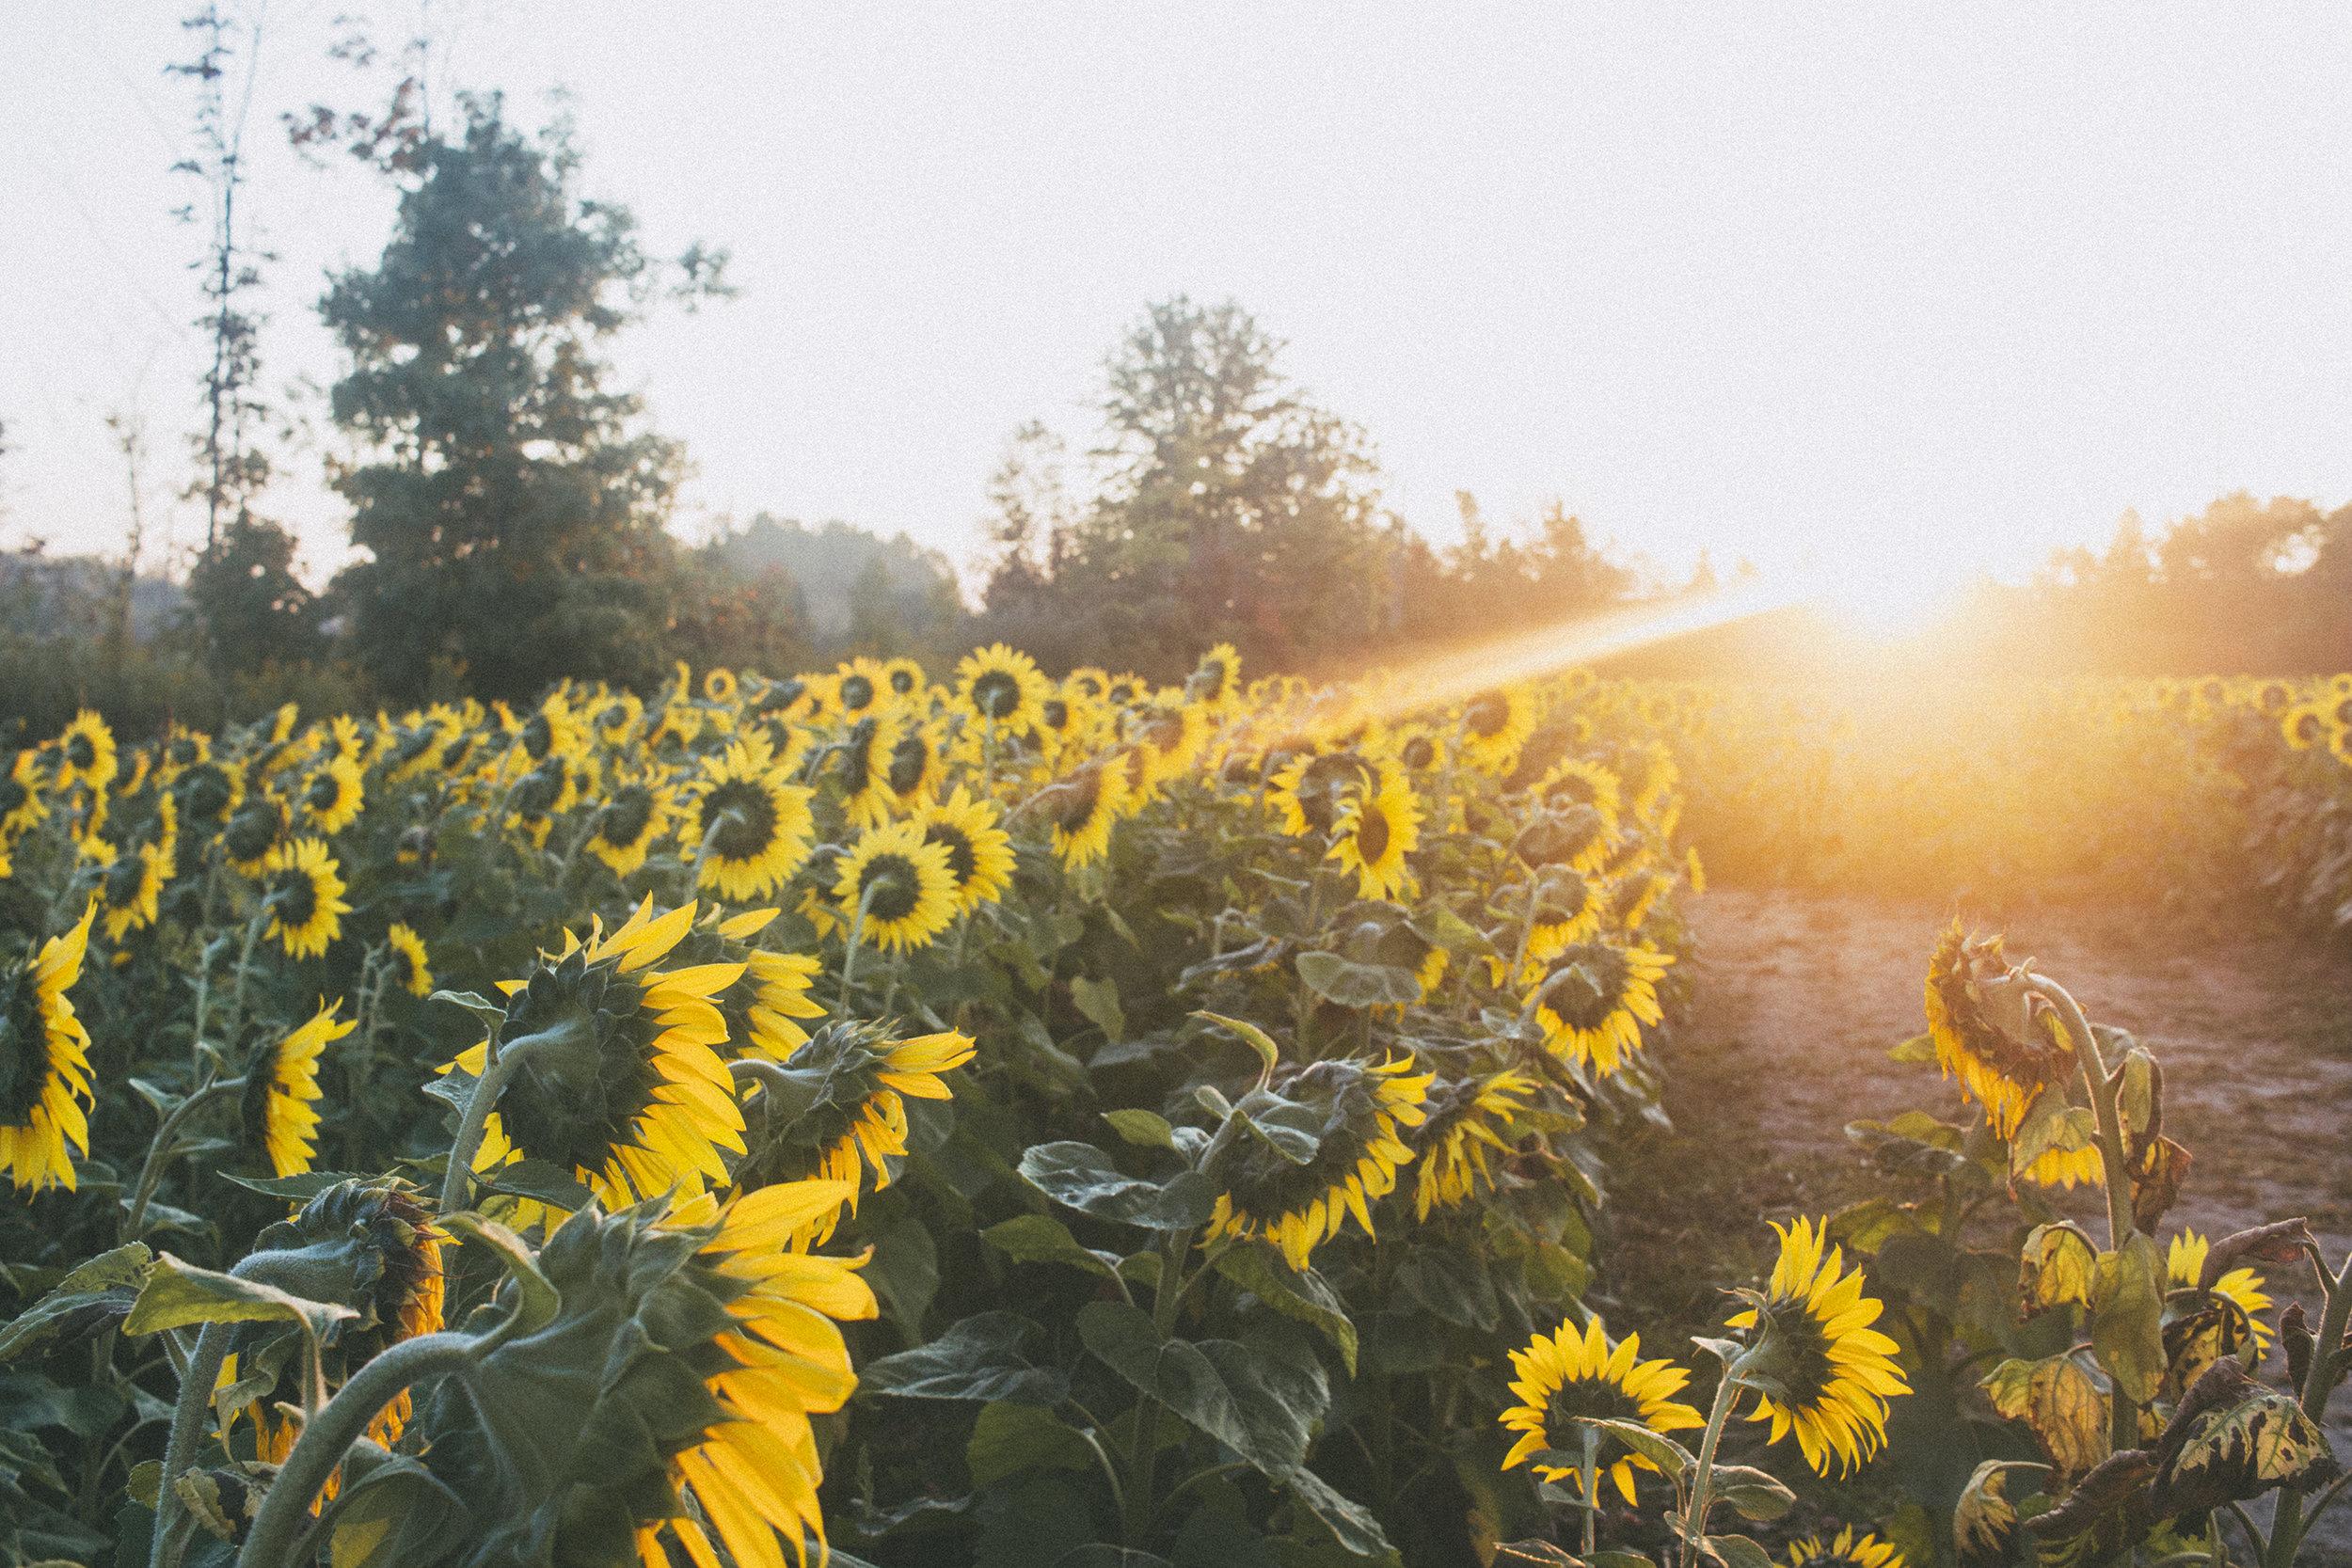 AvonOHSunflowers_09232017_143.jpg